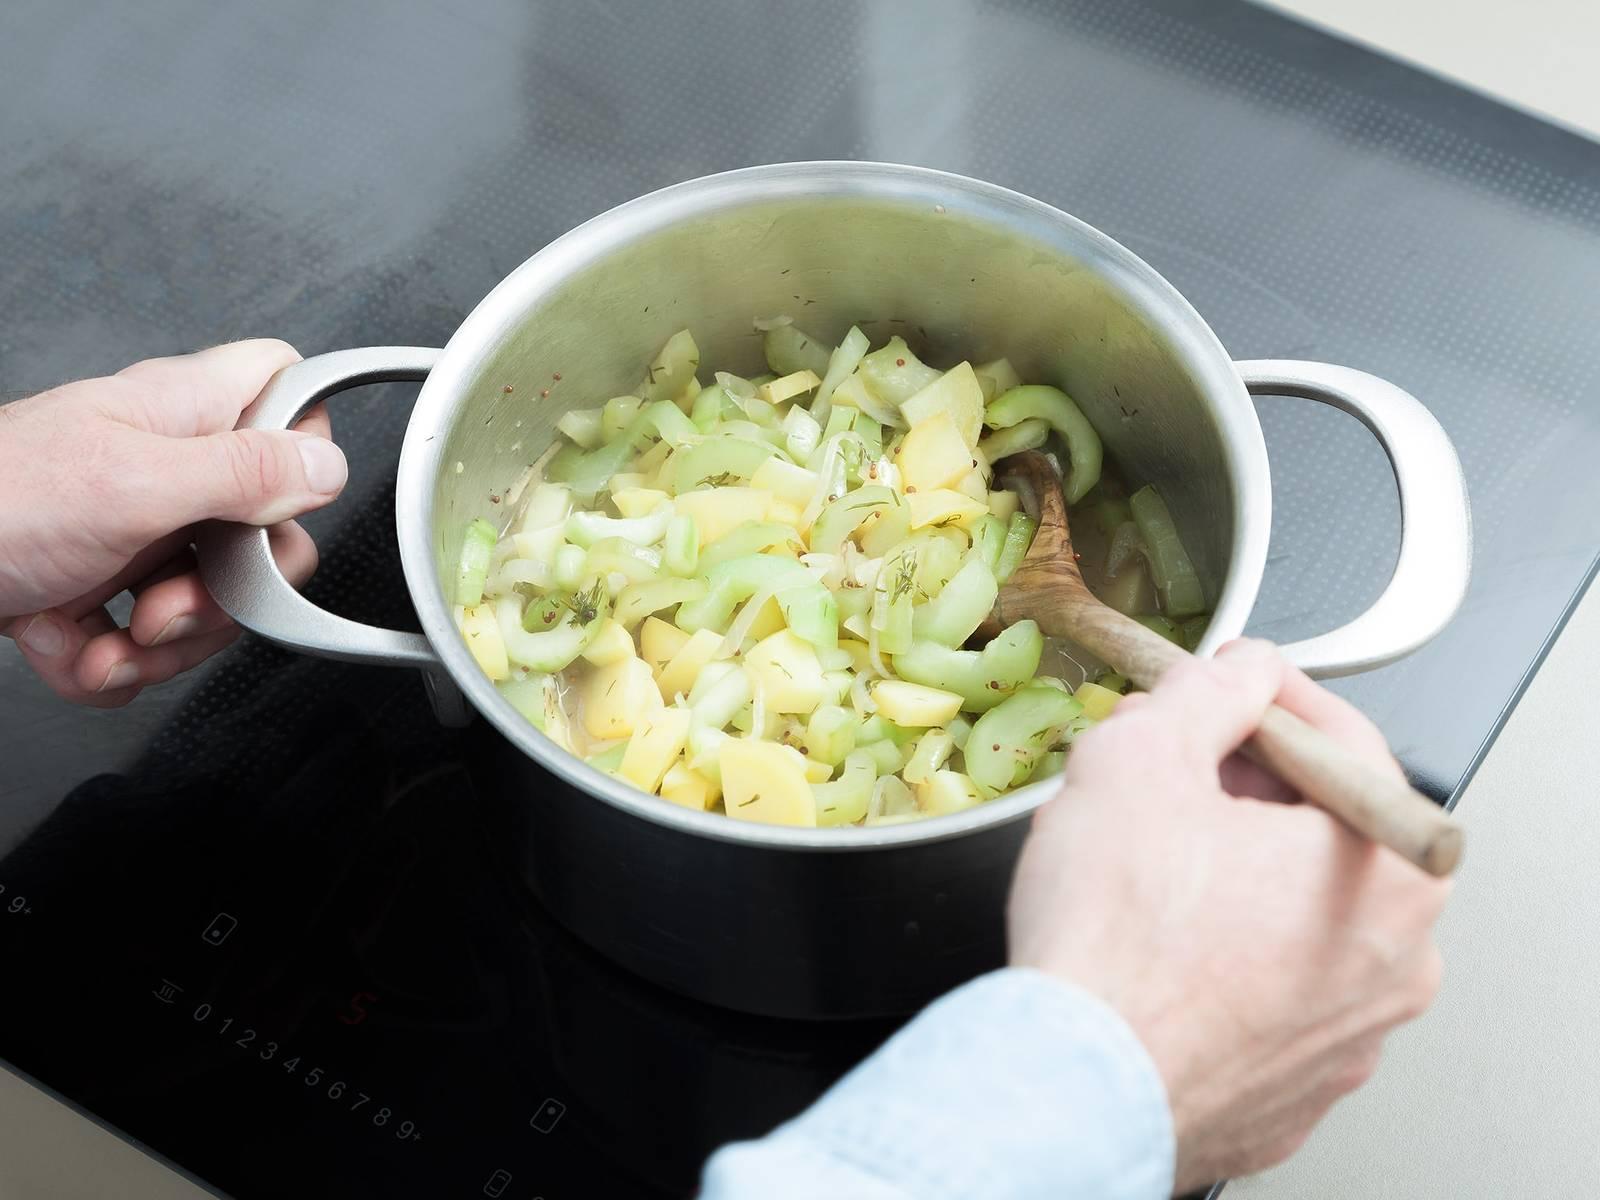 将酱汁倒入煮着黄瓜和土豆的锅中,搅拌均匀后盖上盖子继续煮10分钟。